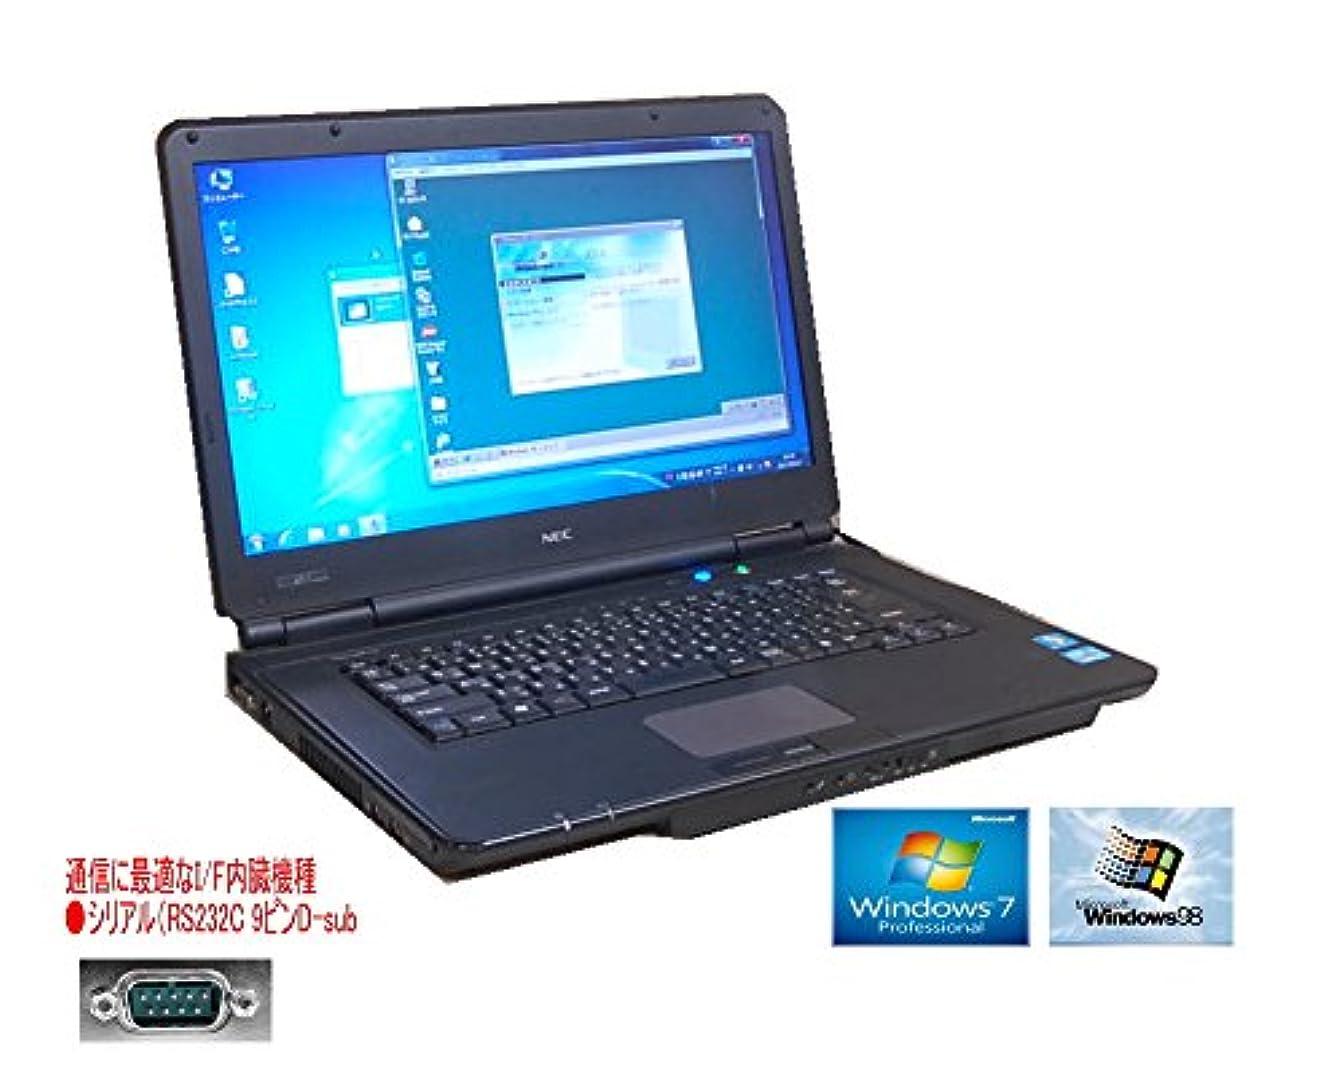 ペインギリック忠実にパンチWINDOWS98動作 これは便利!マルチWINDOWS Virtual PC WINDOWS 7 PRO日本語パソコン上で貴重WINDOWS 98が起動 Coer I5搭載  NEC シリアル(RS232C) DVD 無線 【中古】